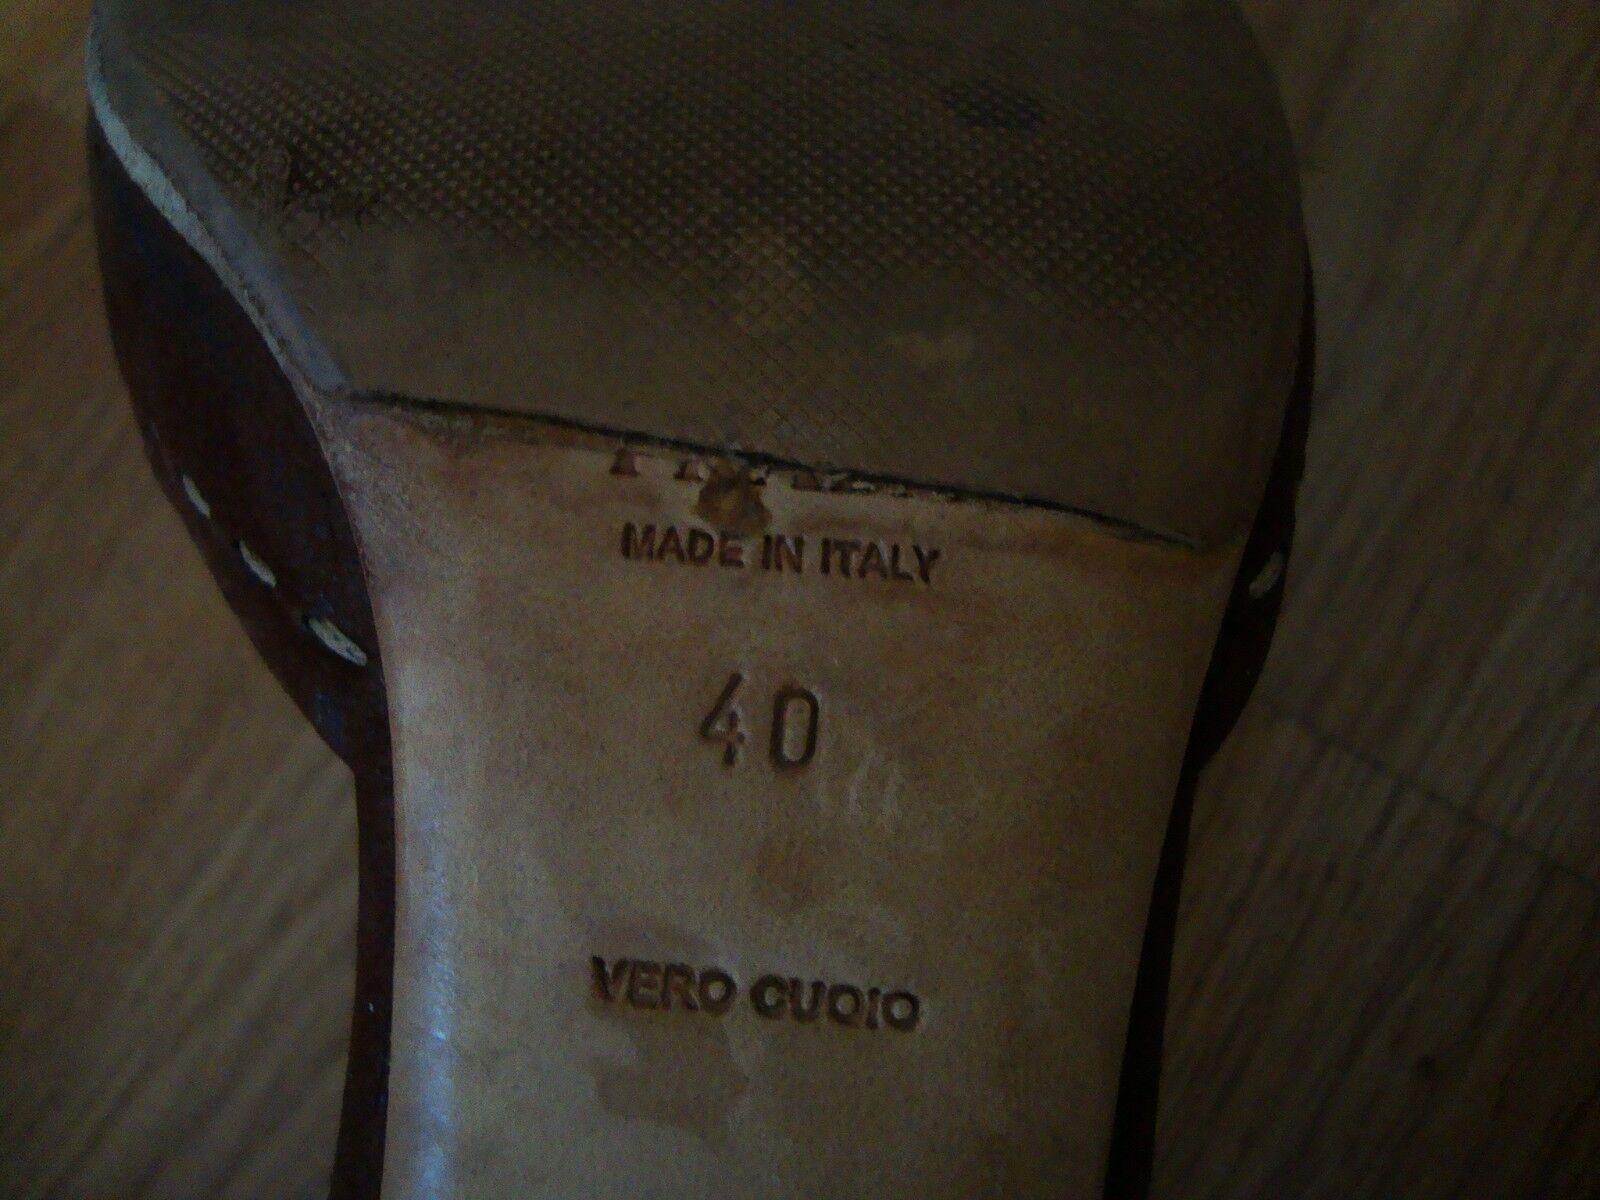 Prada BROWN Leder Leder Leder Buckle Vamp D'orsay Sz 40 EU OR 9 US ITALY 480 6fdc47